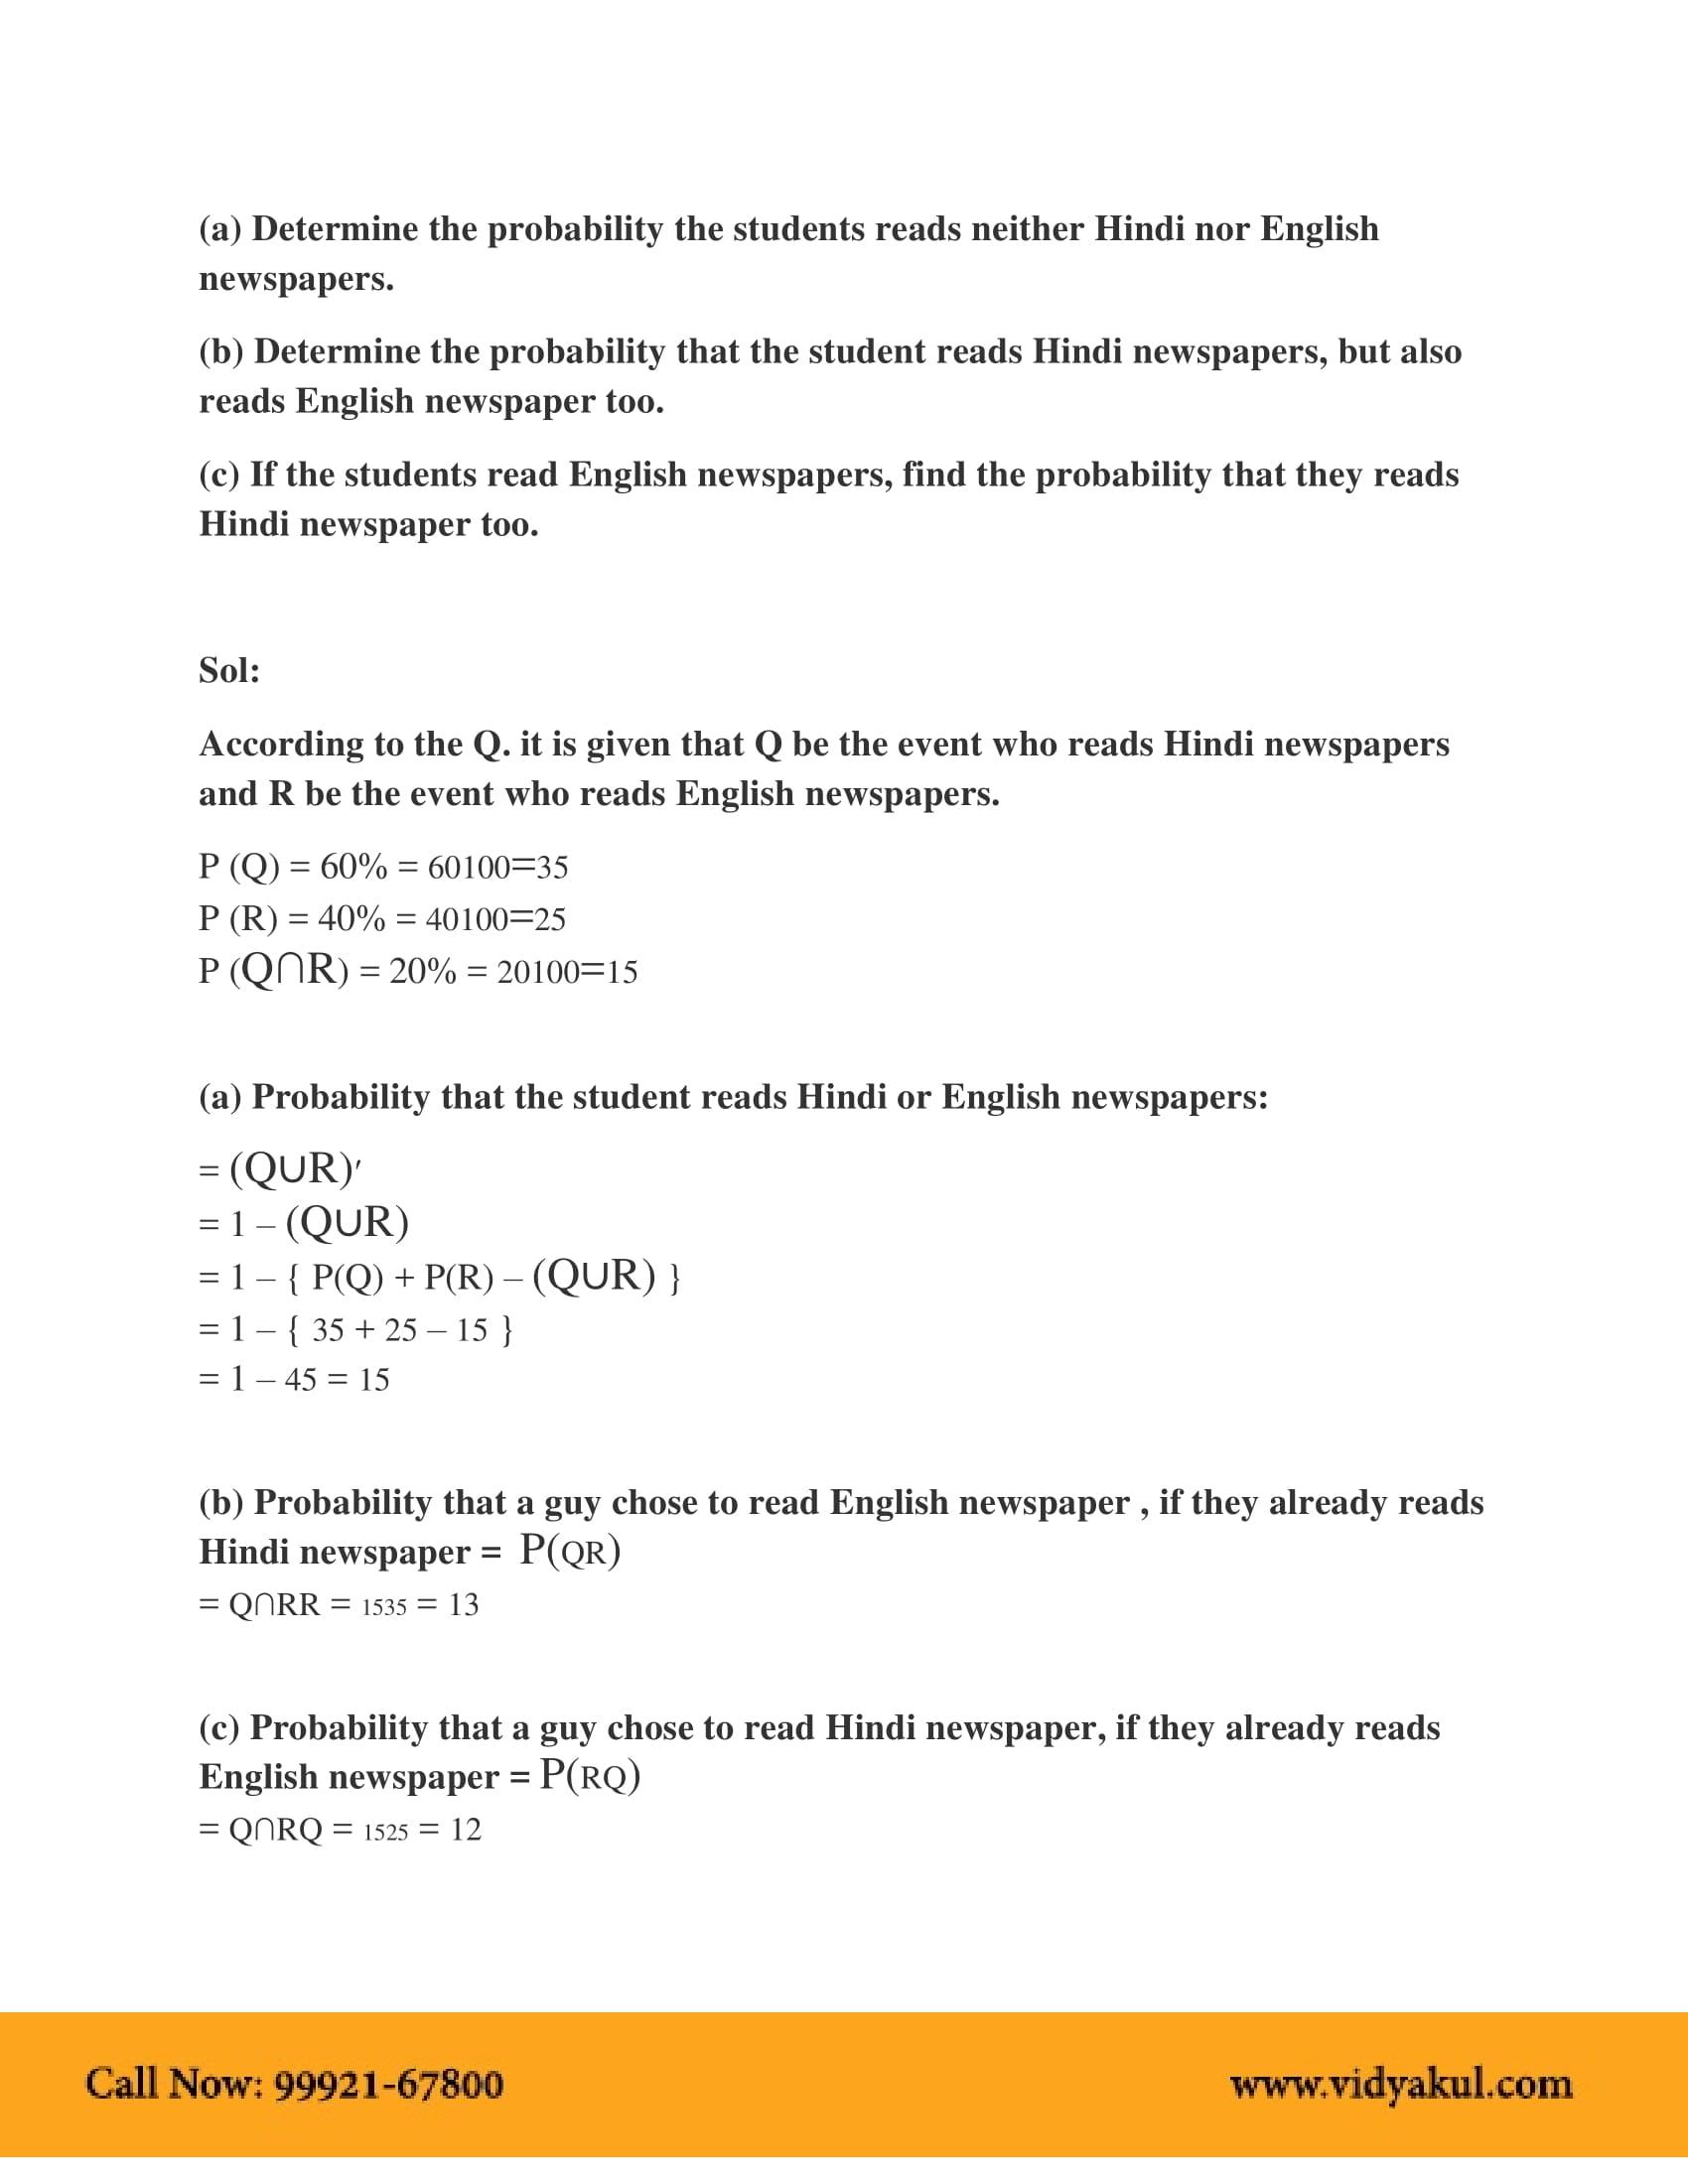 NCERT Solutions for Class 12 Maths Chapter 13   Vidyakul